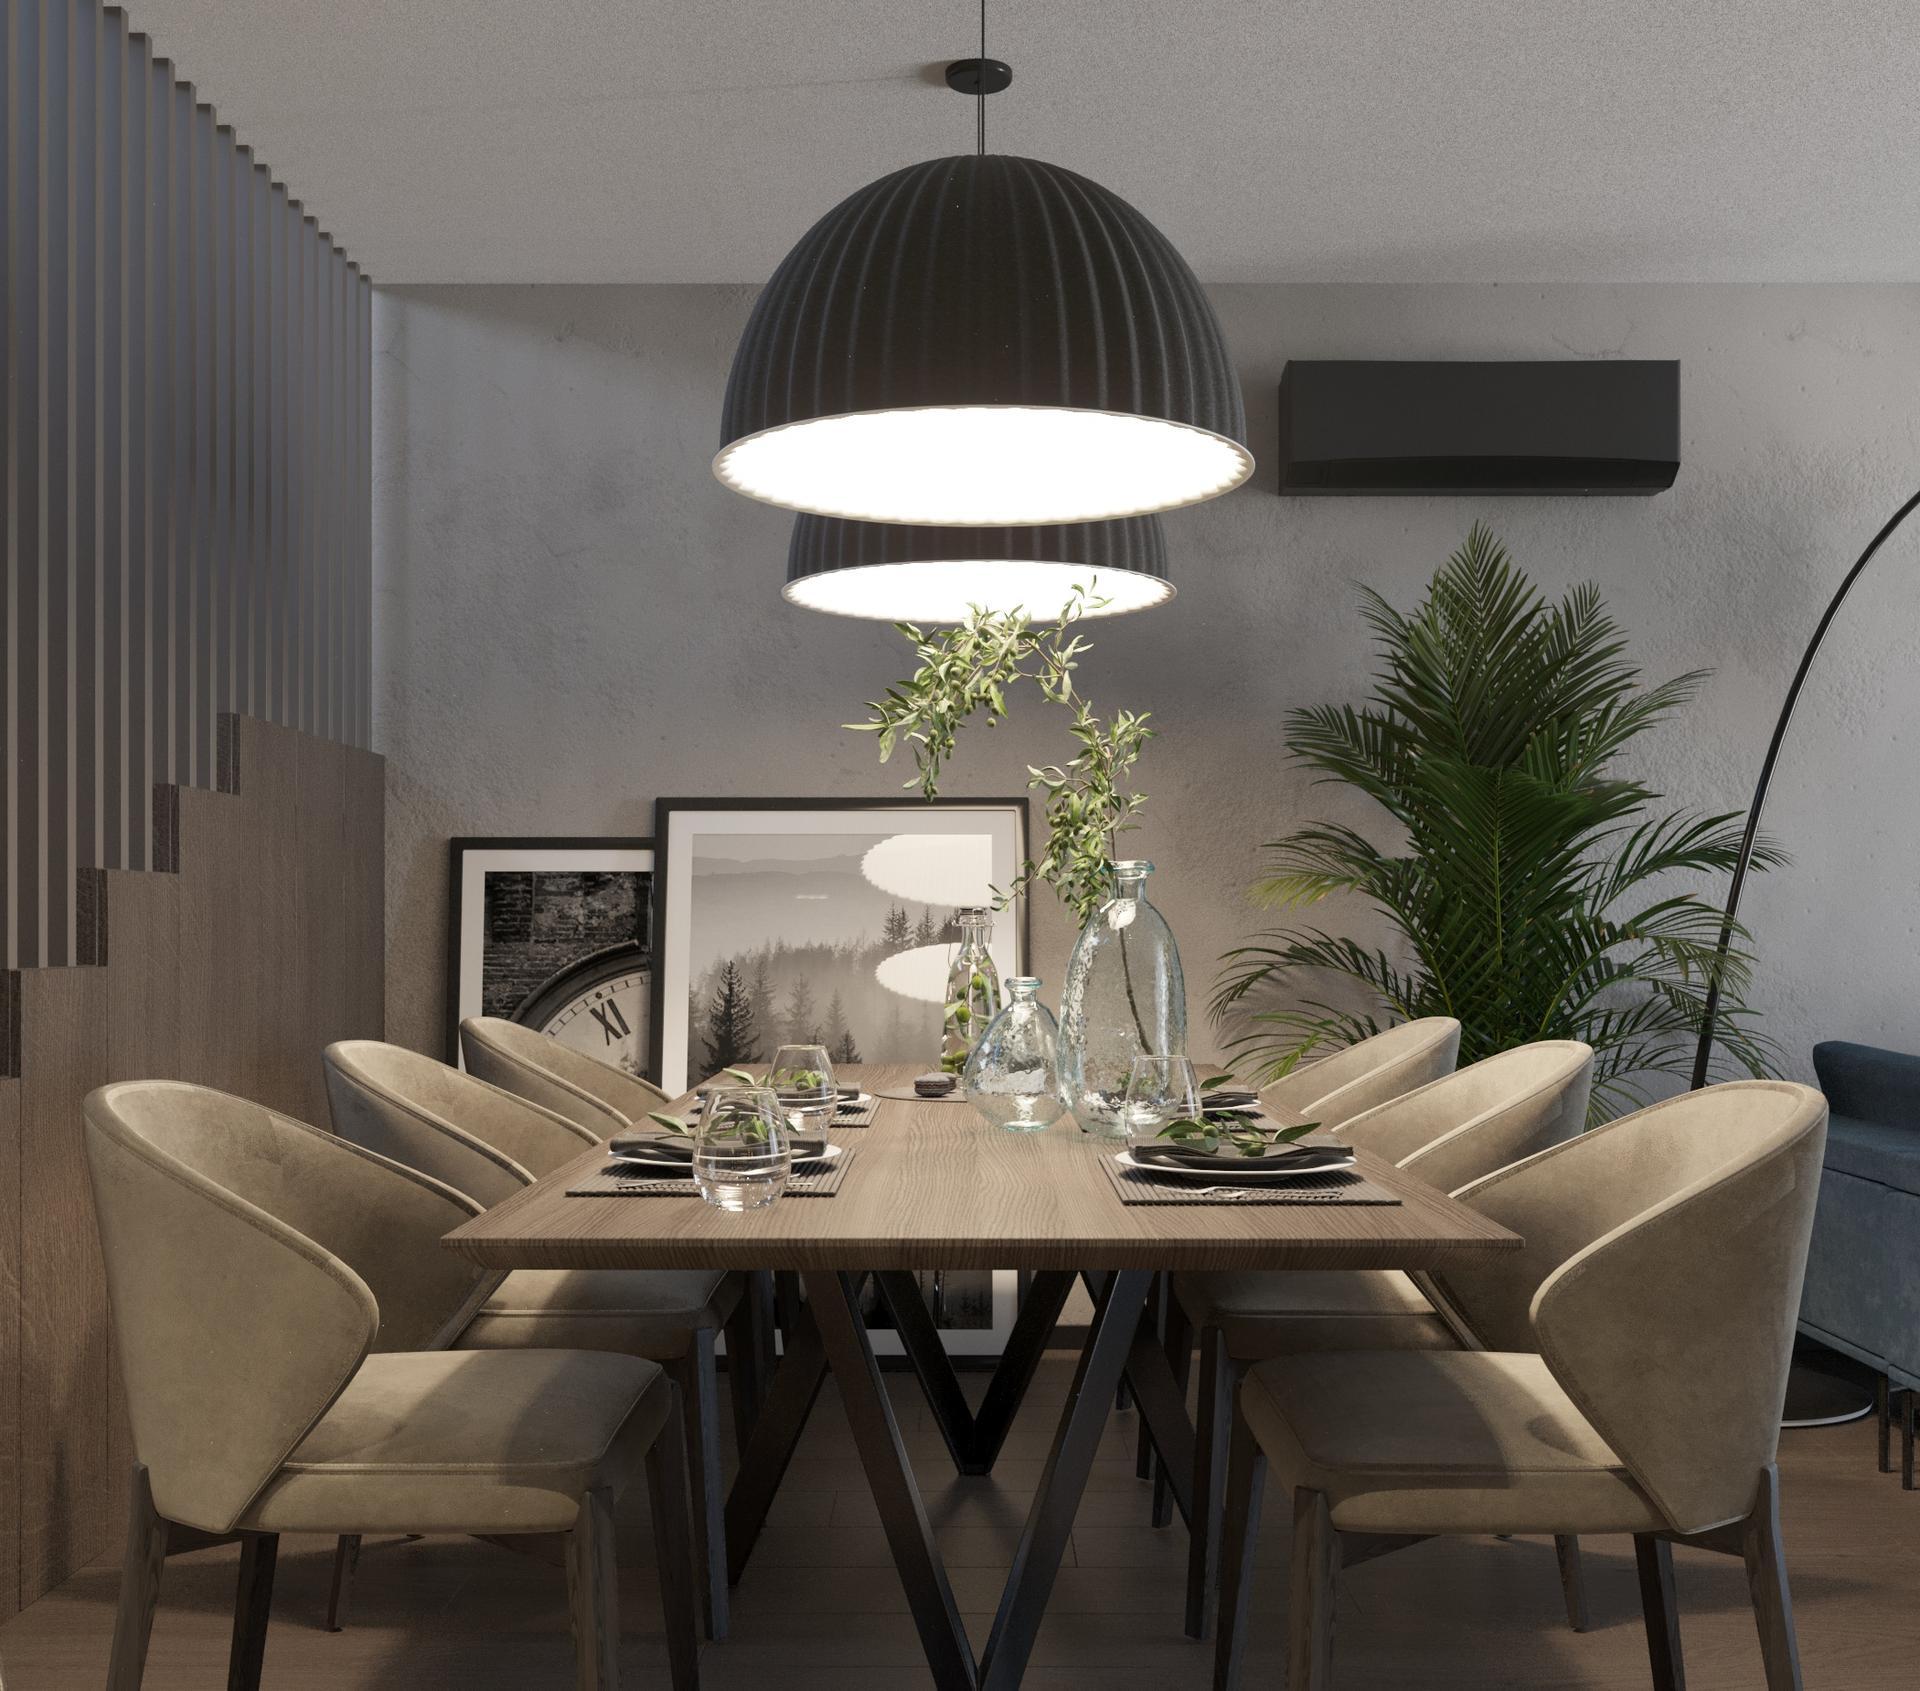 Návrh interiérového dizajnu :) - Obrázok č. 5